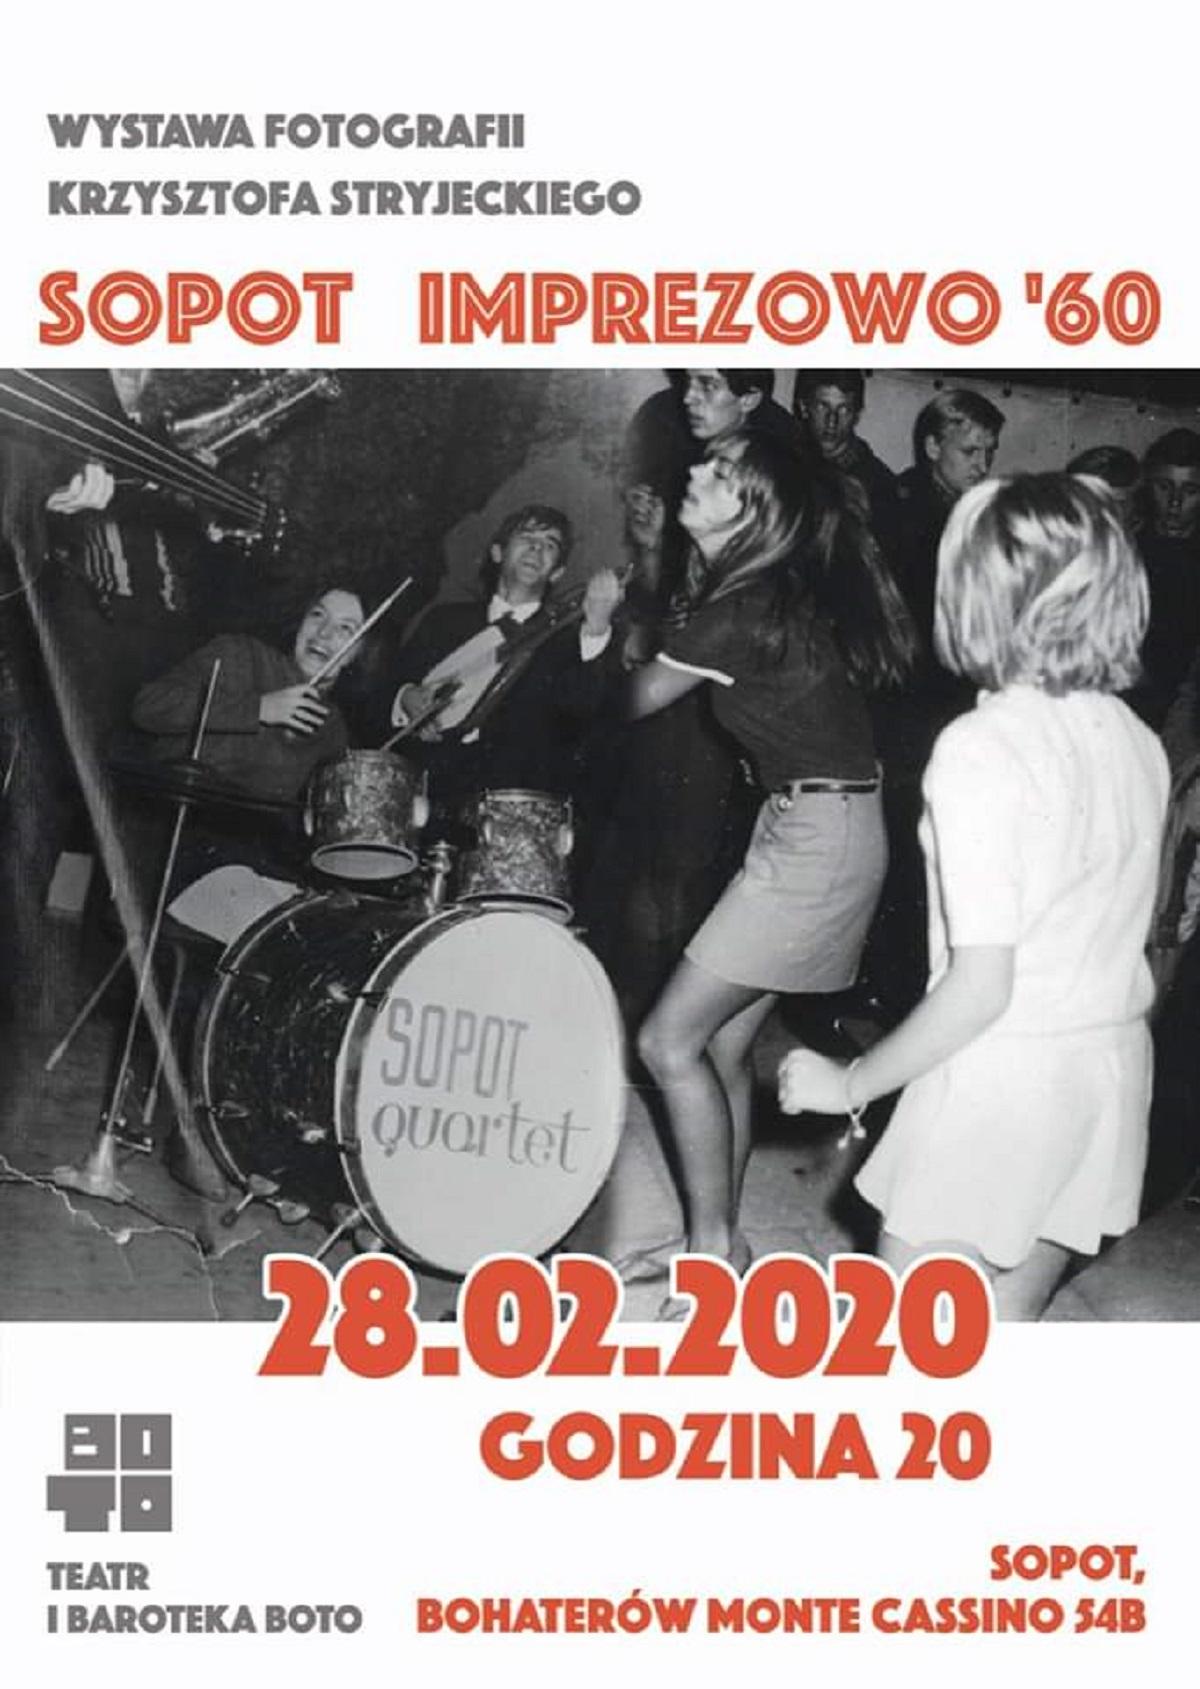 SOPOT Imprezowo '60 – wystawa fotografii Krzysztofa Stryjeckiego